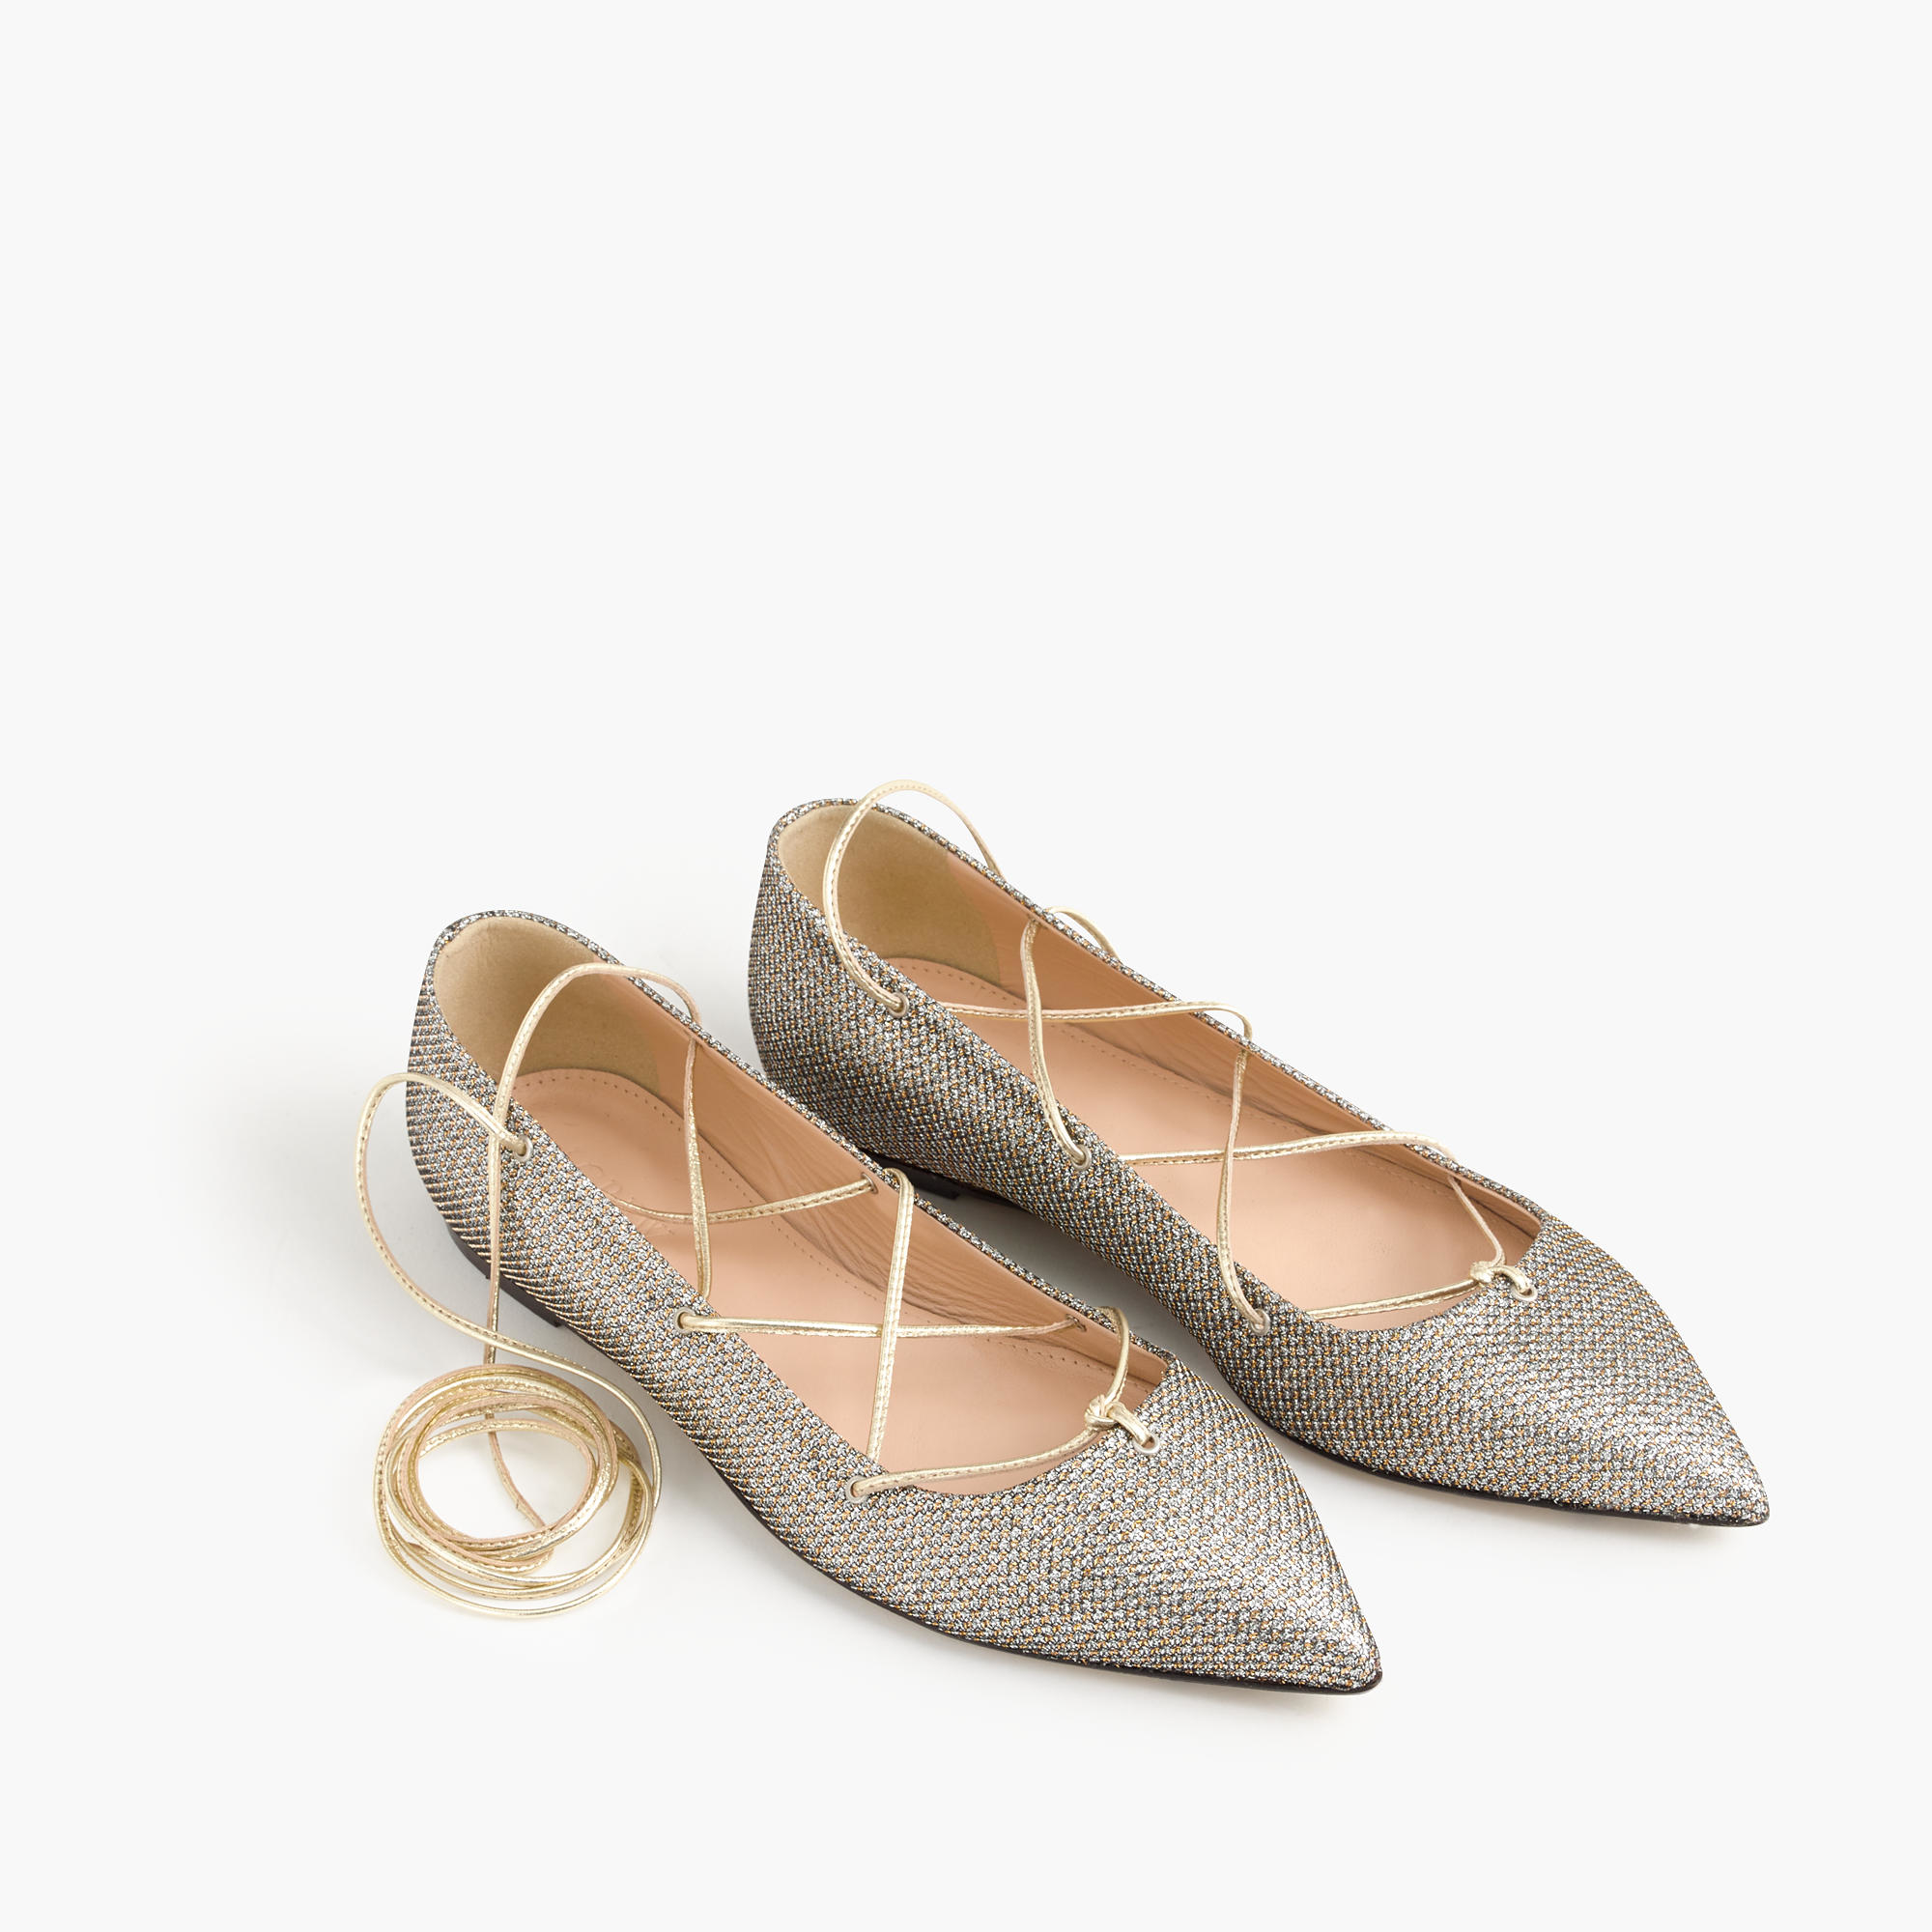 Flats With Gold Heel - Is Heel